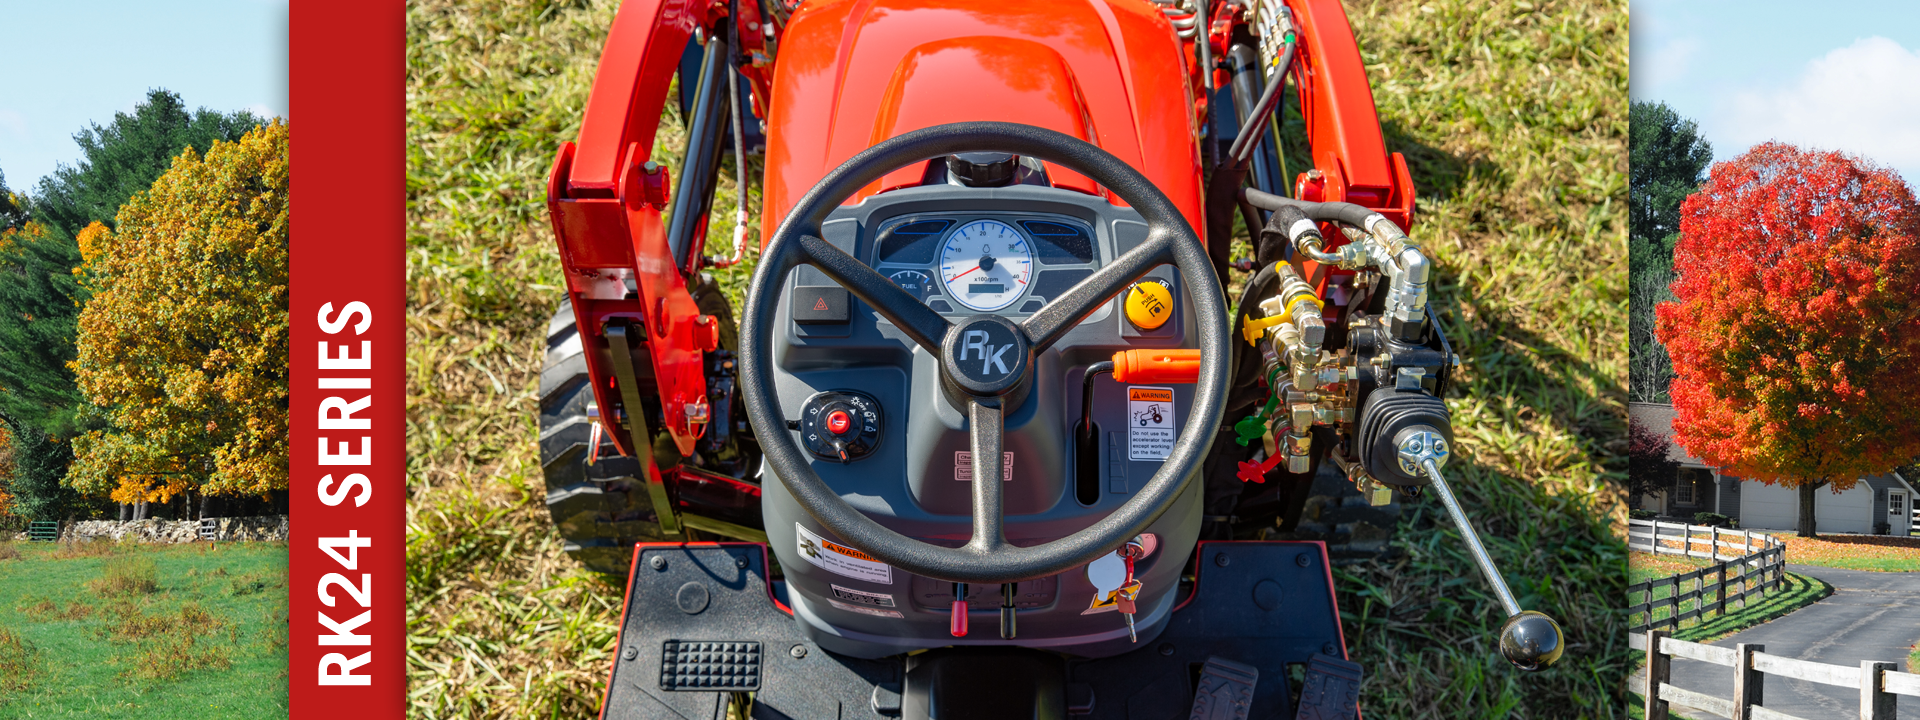 Tractors | RK24 Series Tractor | RK Tractors